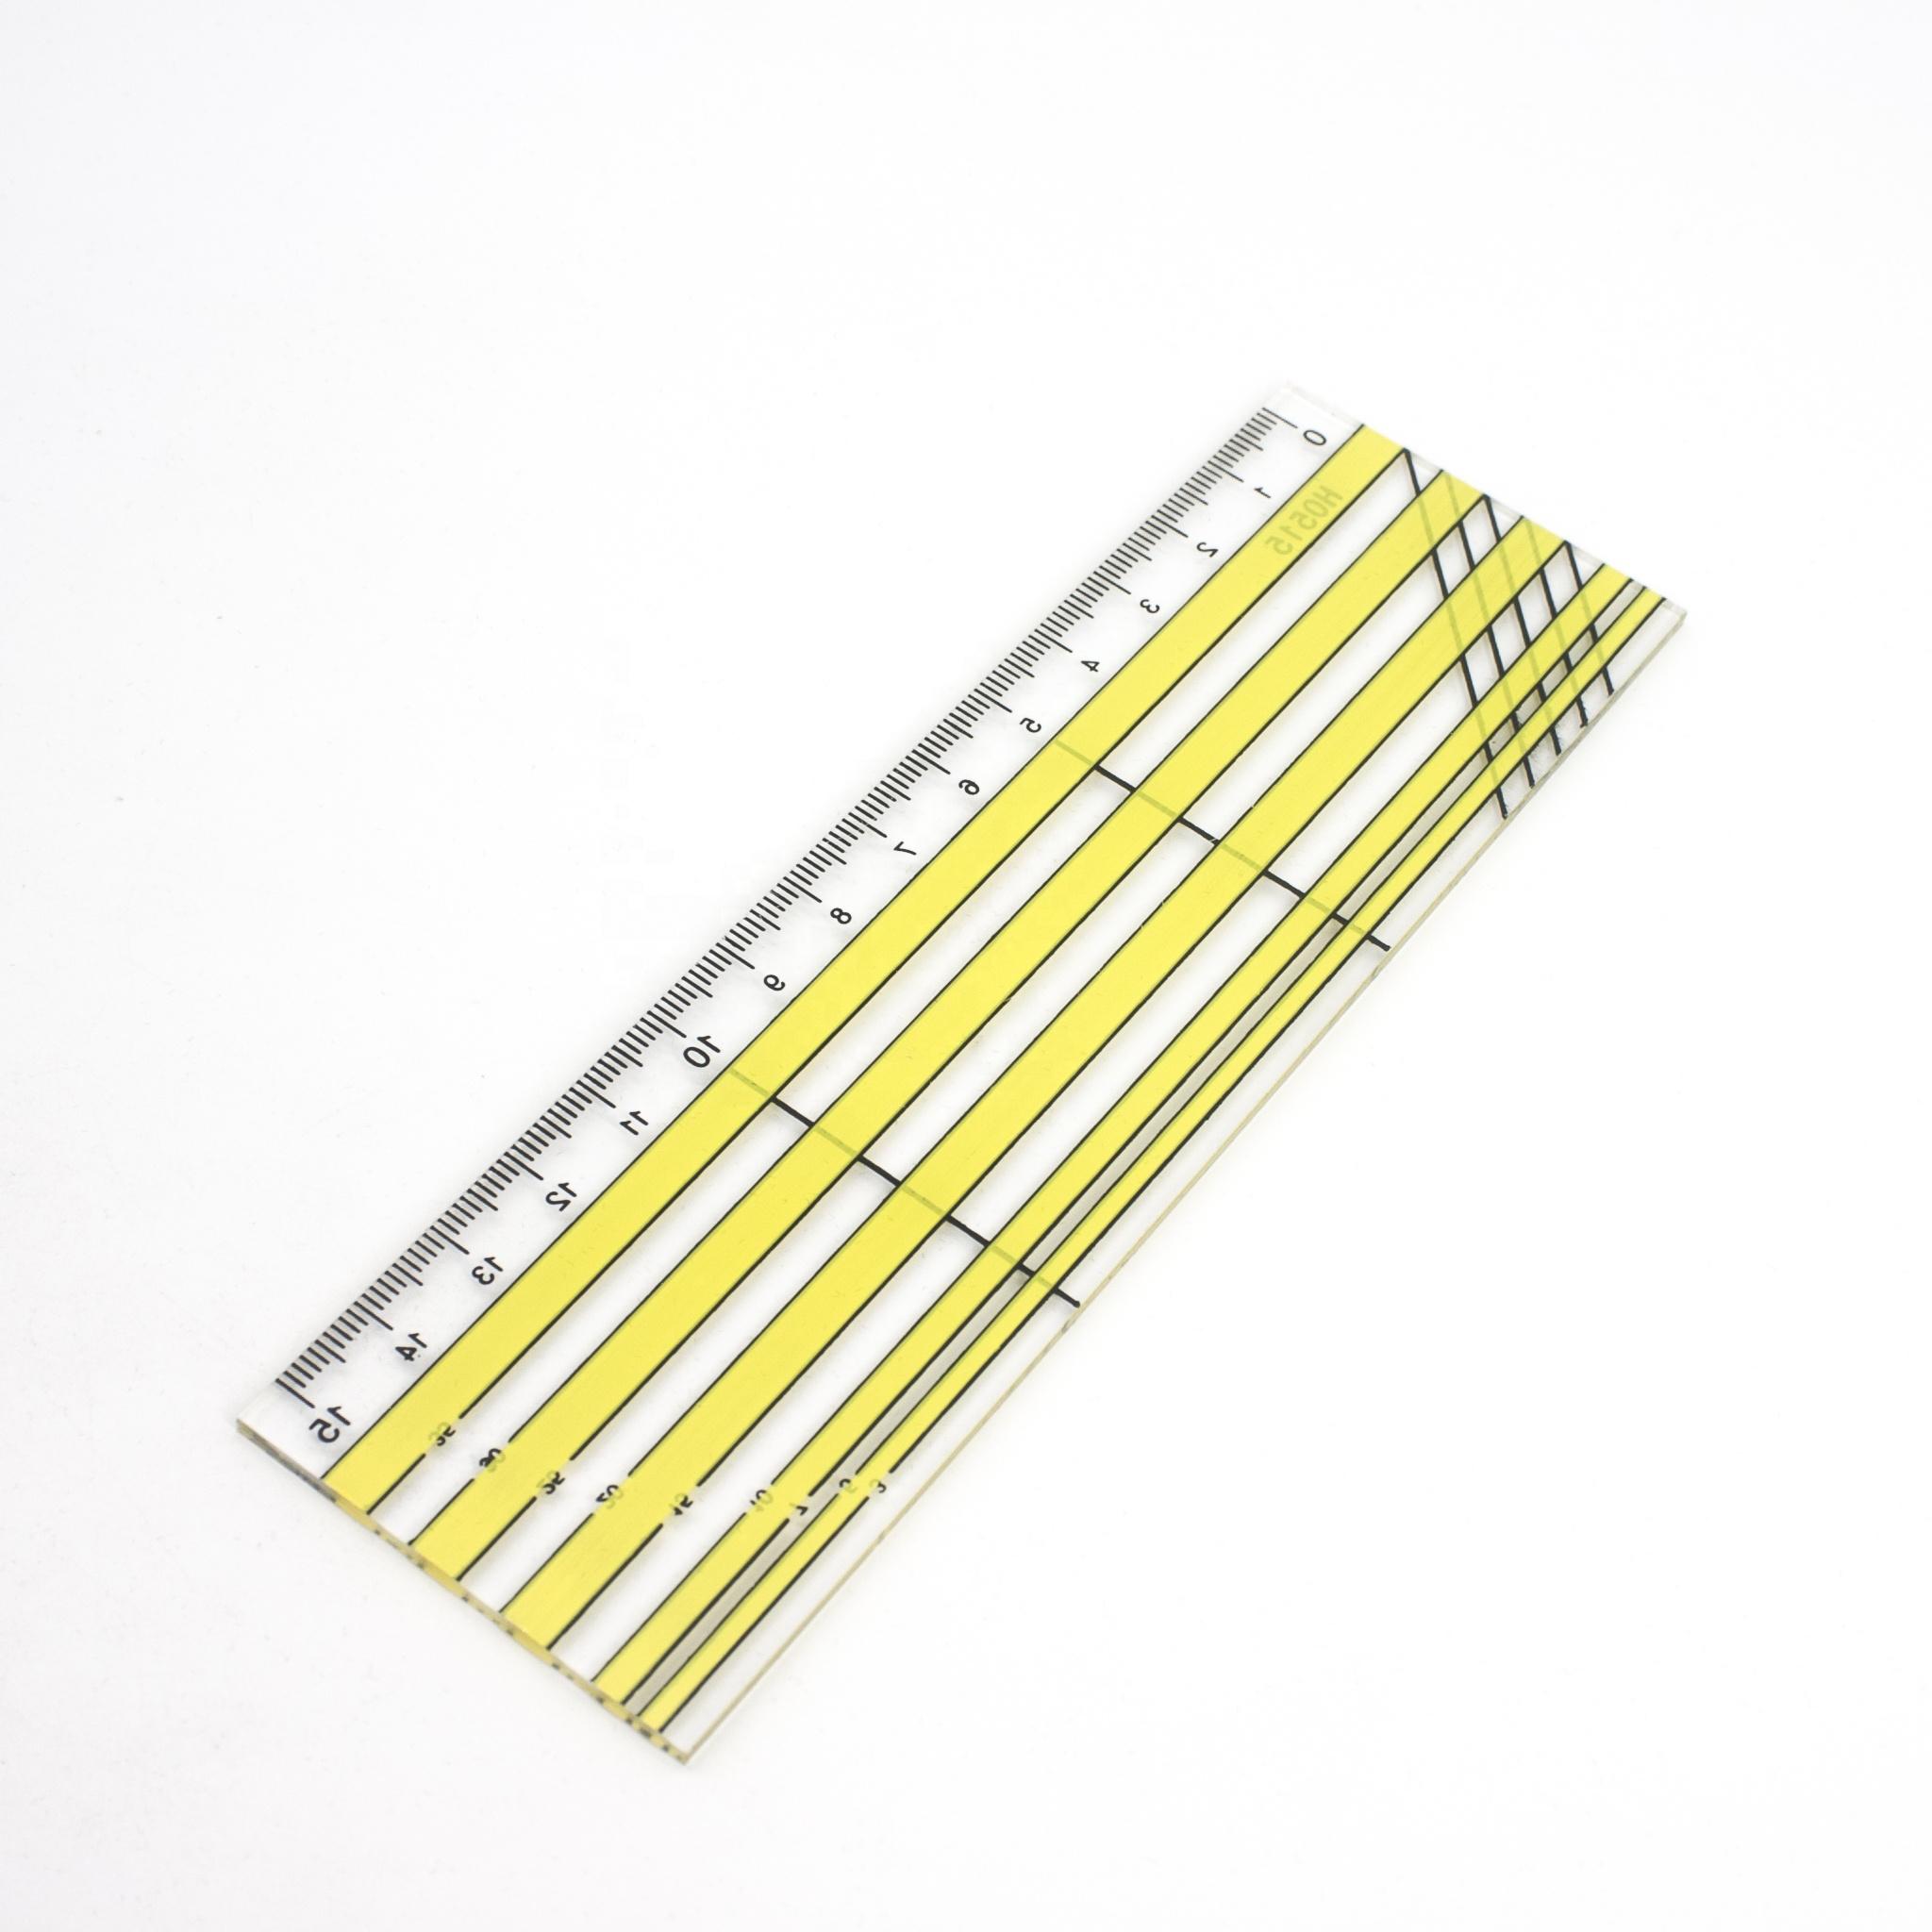 1pcs Bookmark Ruler Brass Metric Straight Ruler Measuring Tool for School 15cm Office,Home SENRISE Steel Ruler